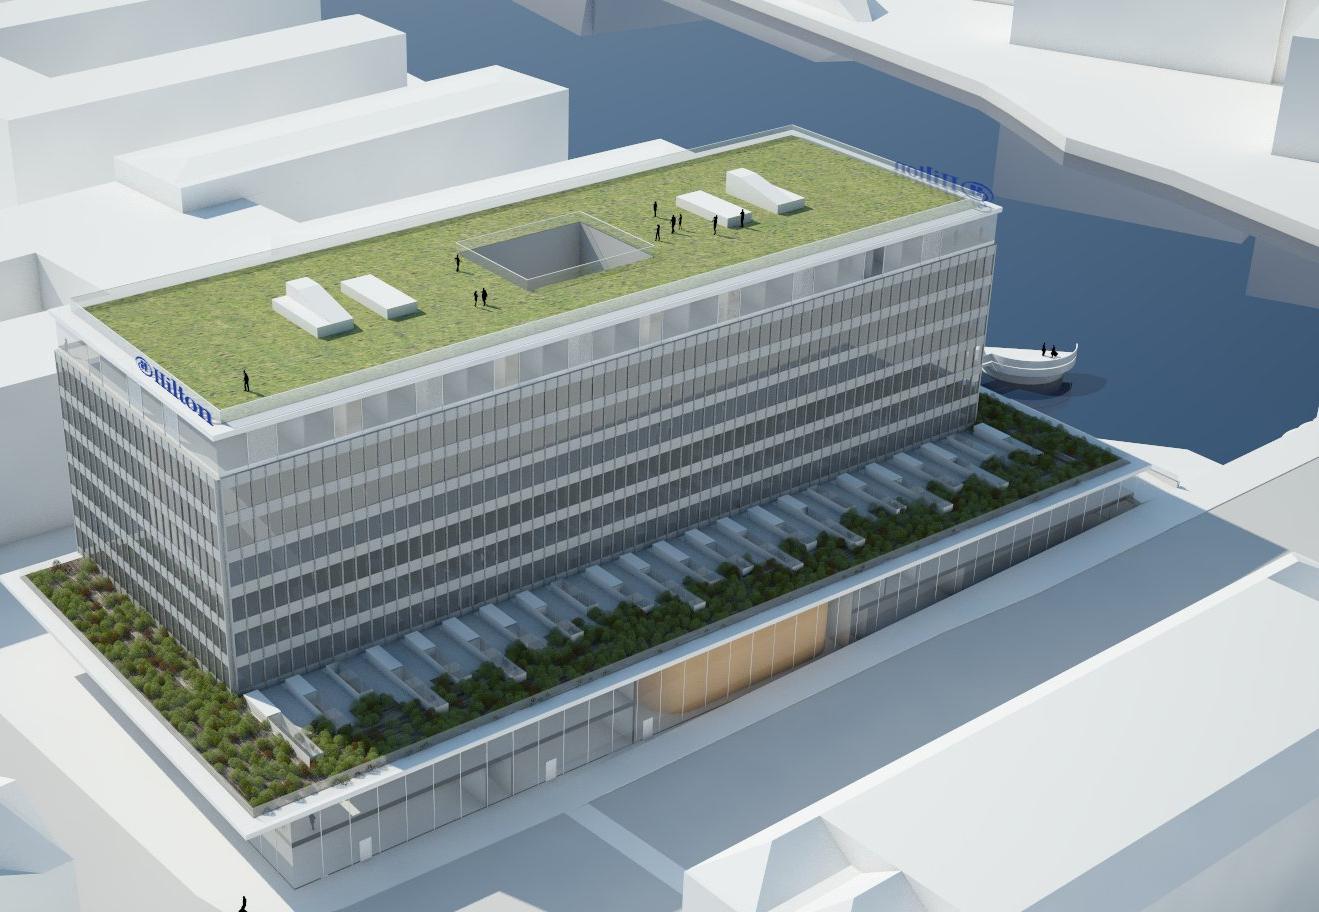 København mangler internationale hotelkæder. I 2020 kommer Hilton dog tilbage – det sker med 5-stjernet hotel med 400 værelser og suiter ud til Københavns Havn.